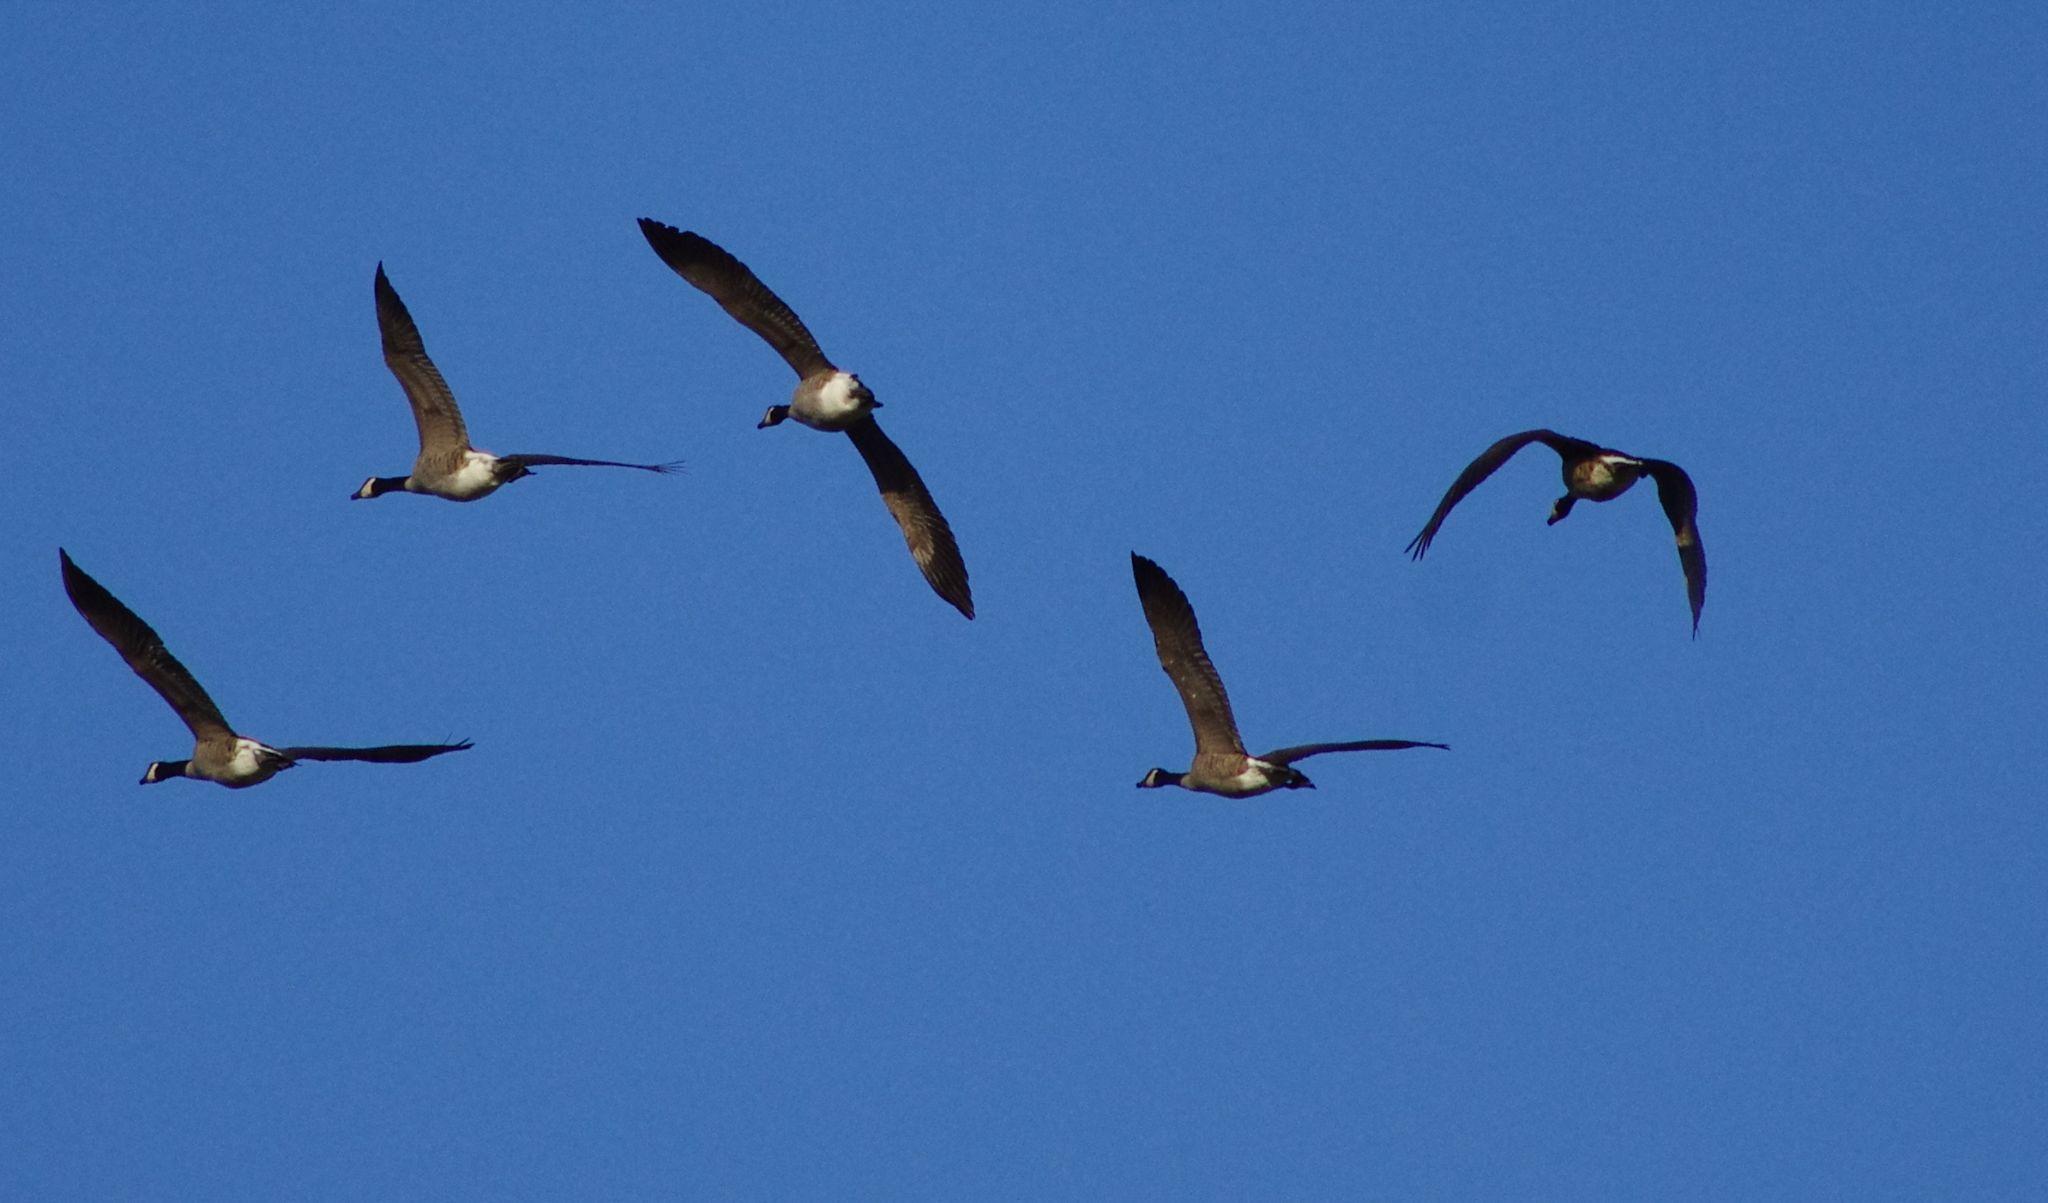 Goose flying III by Fernanda Caleffi Barbetta